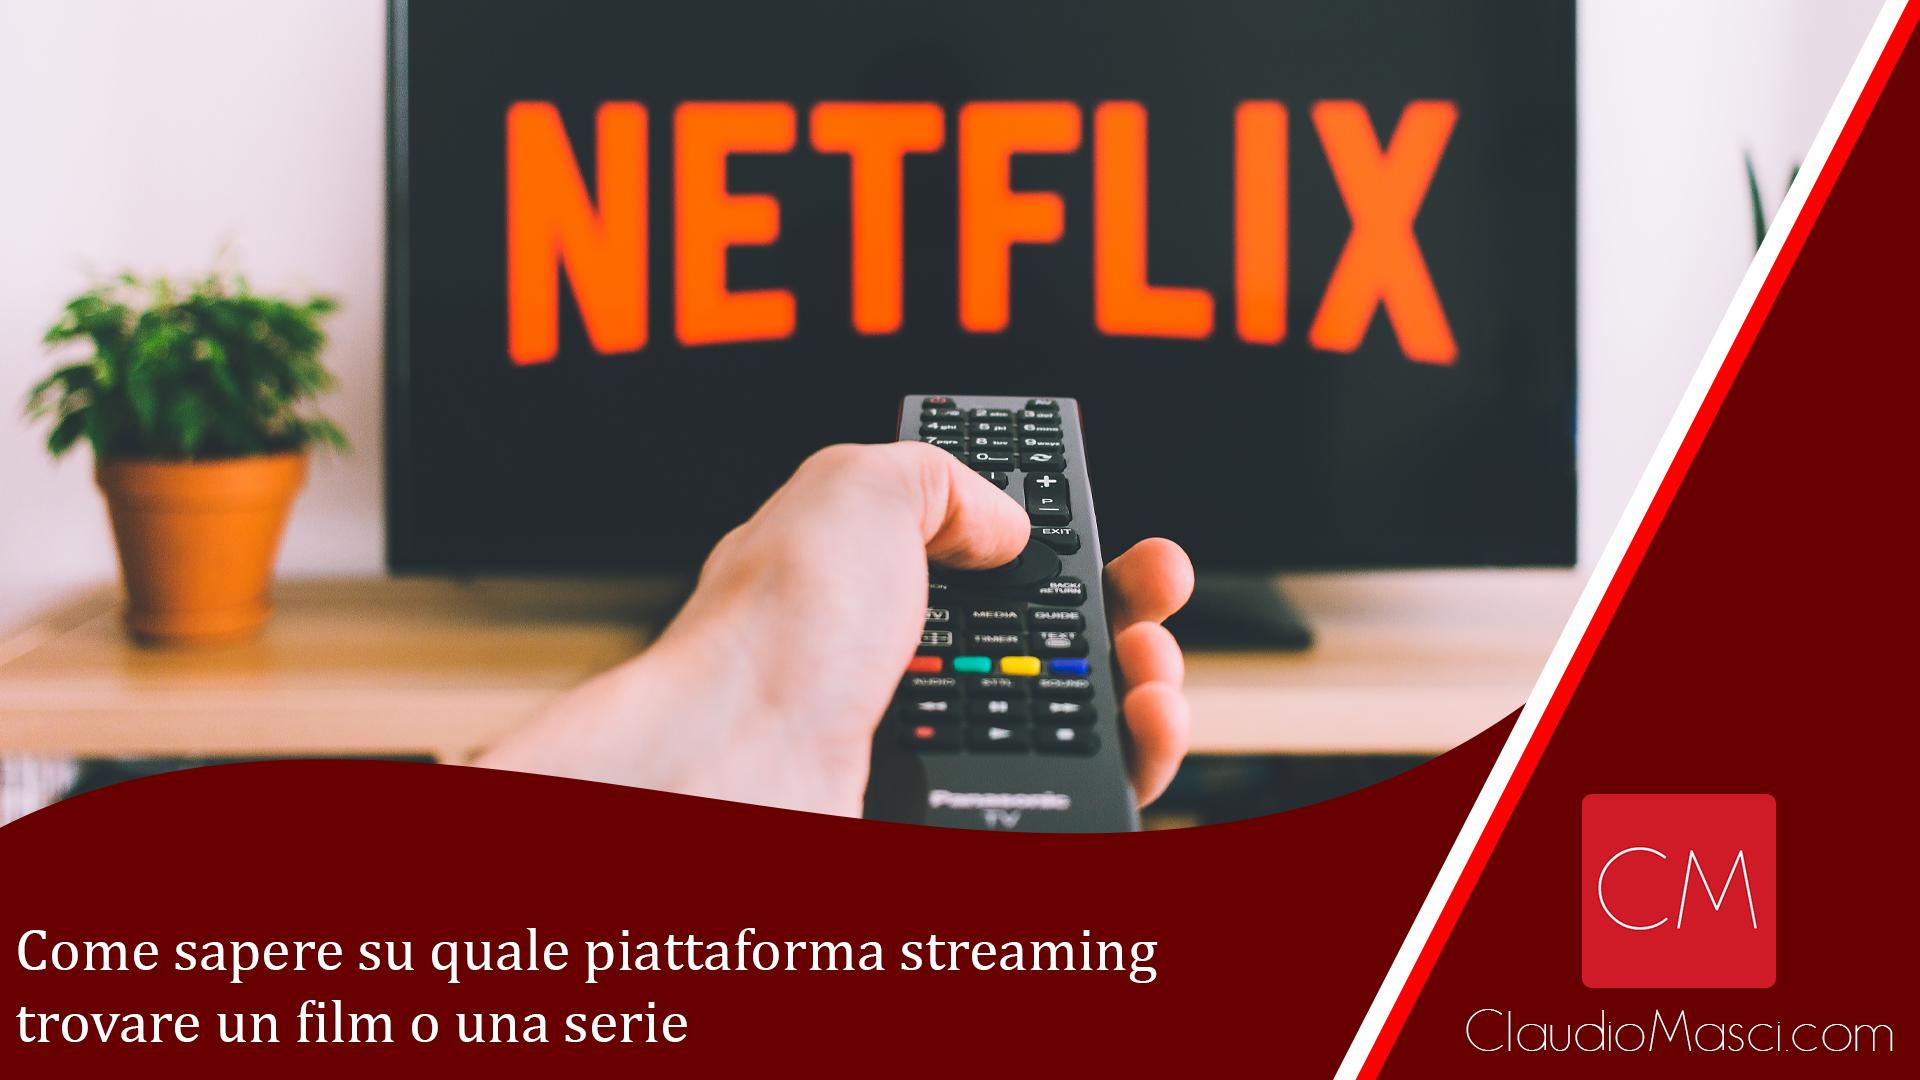 Come sapere su quale piattaforma streaming trovare un film o una serie